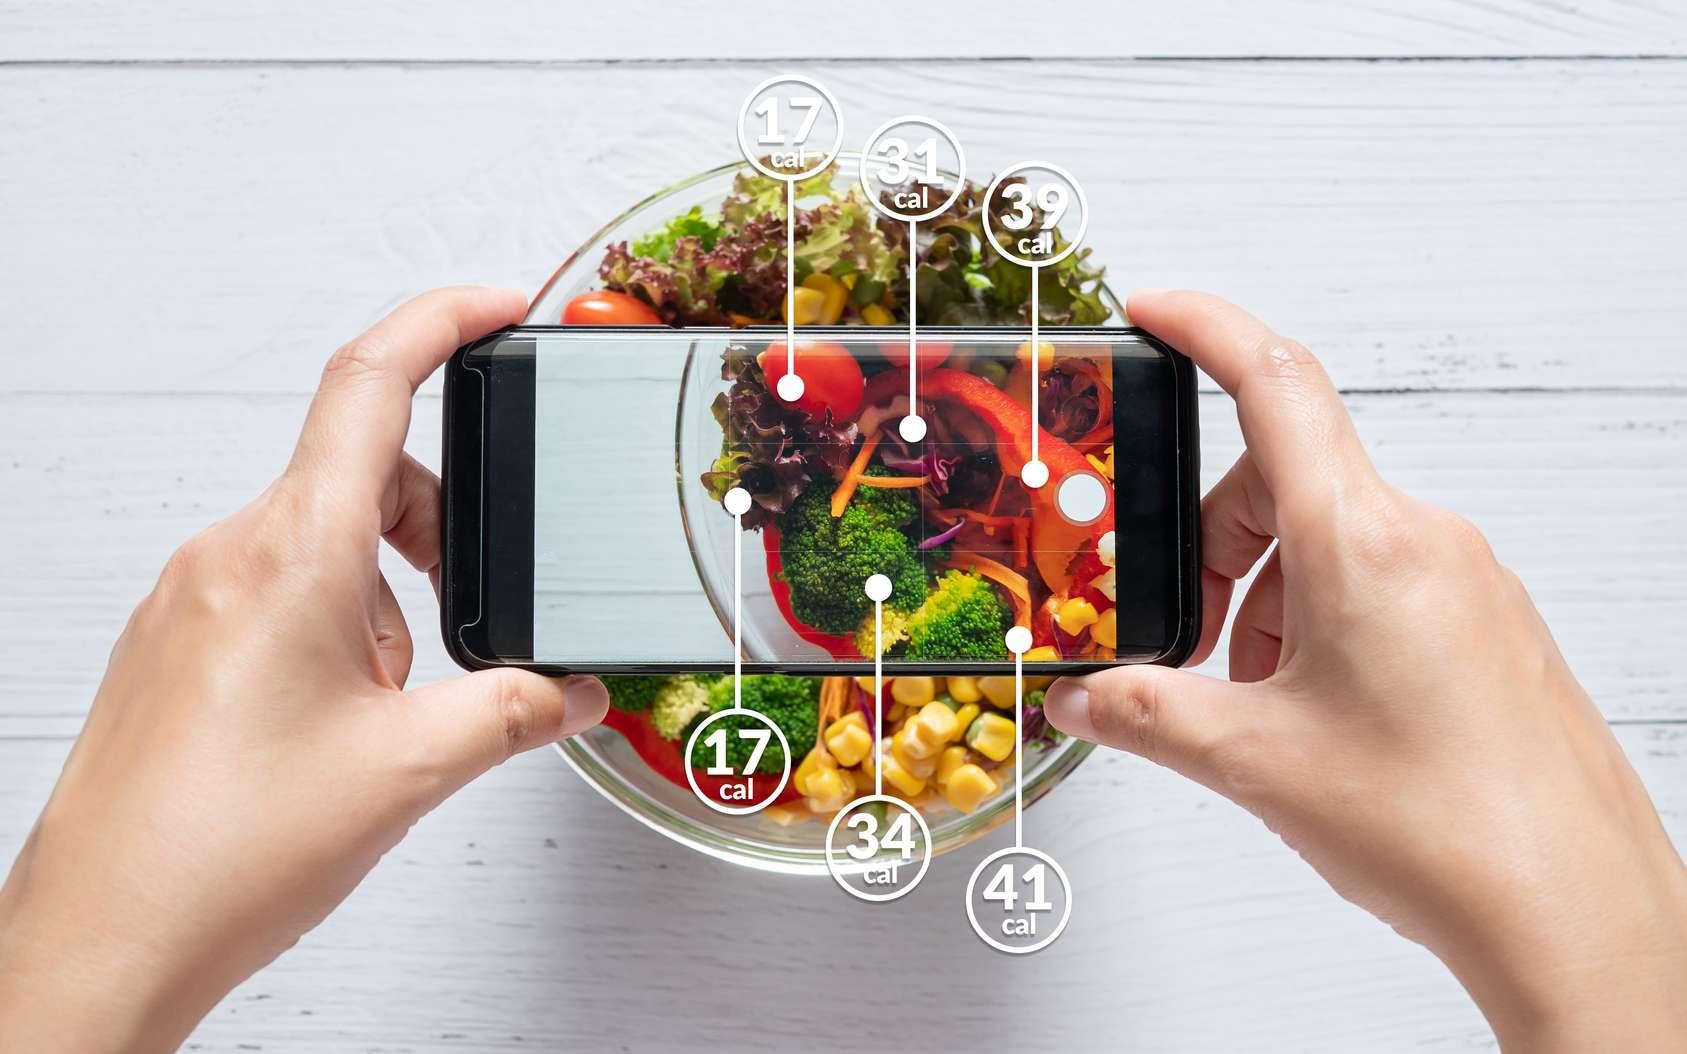 Des aliments vus comme une somme de calories. © asiandelight, Fotolia